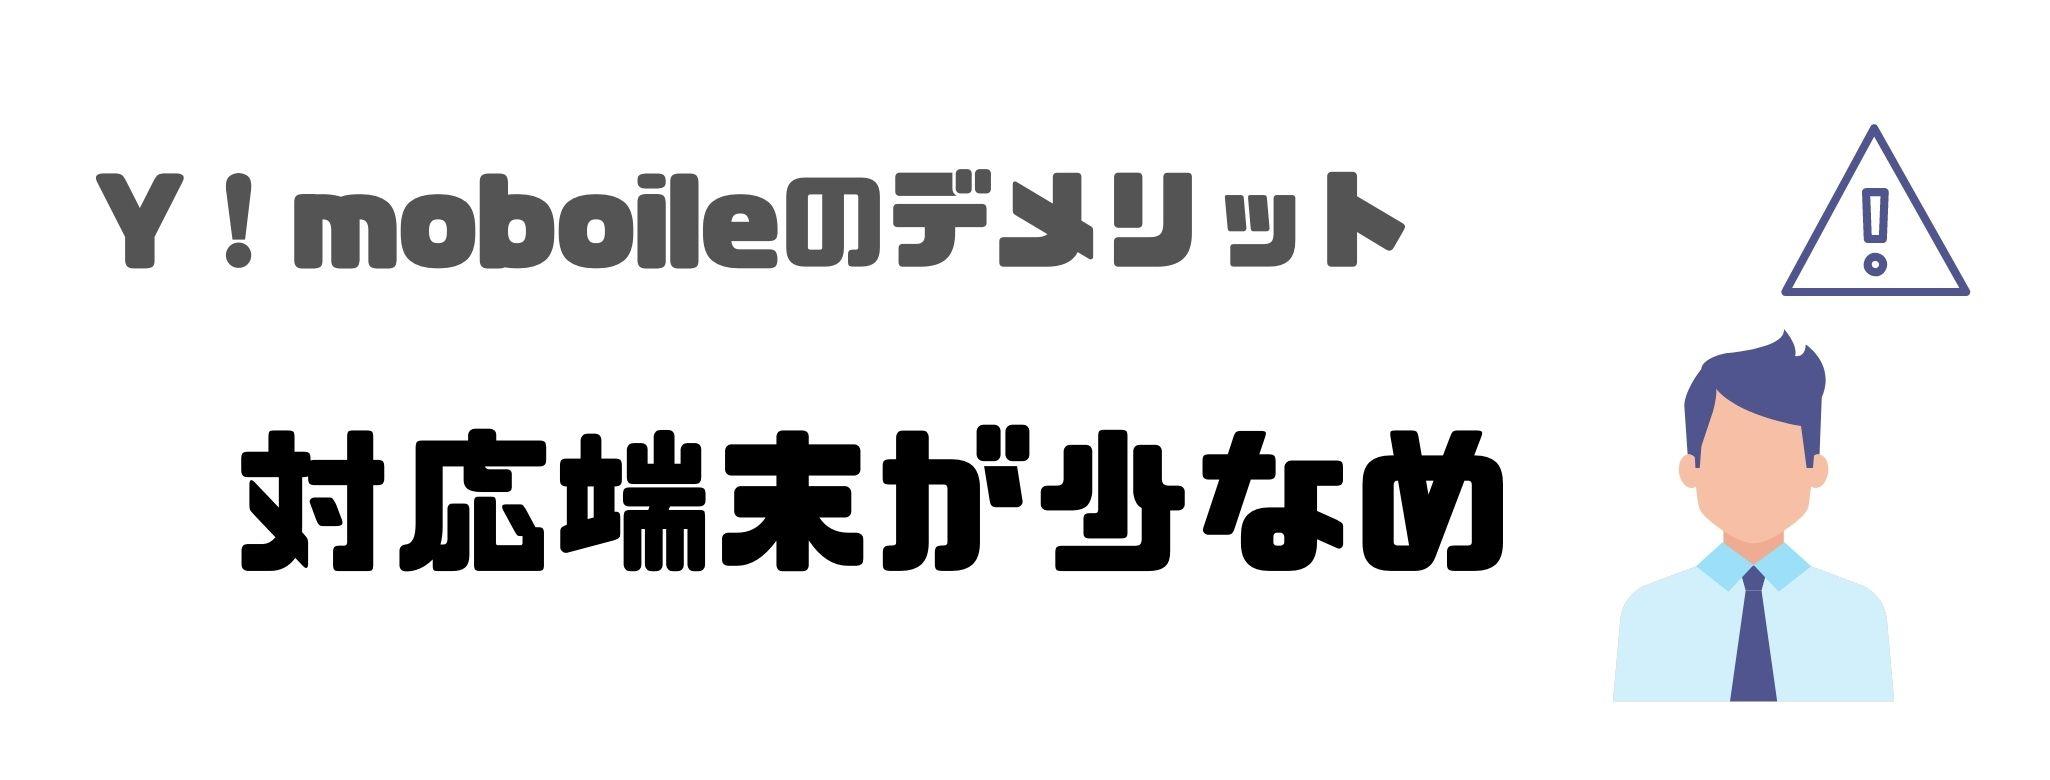 Y!mobile_ワイモバイル_口コミ_評判_対応端末_少ない